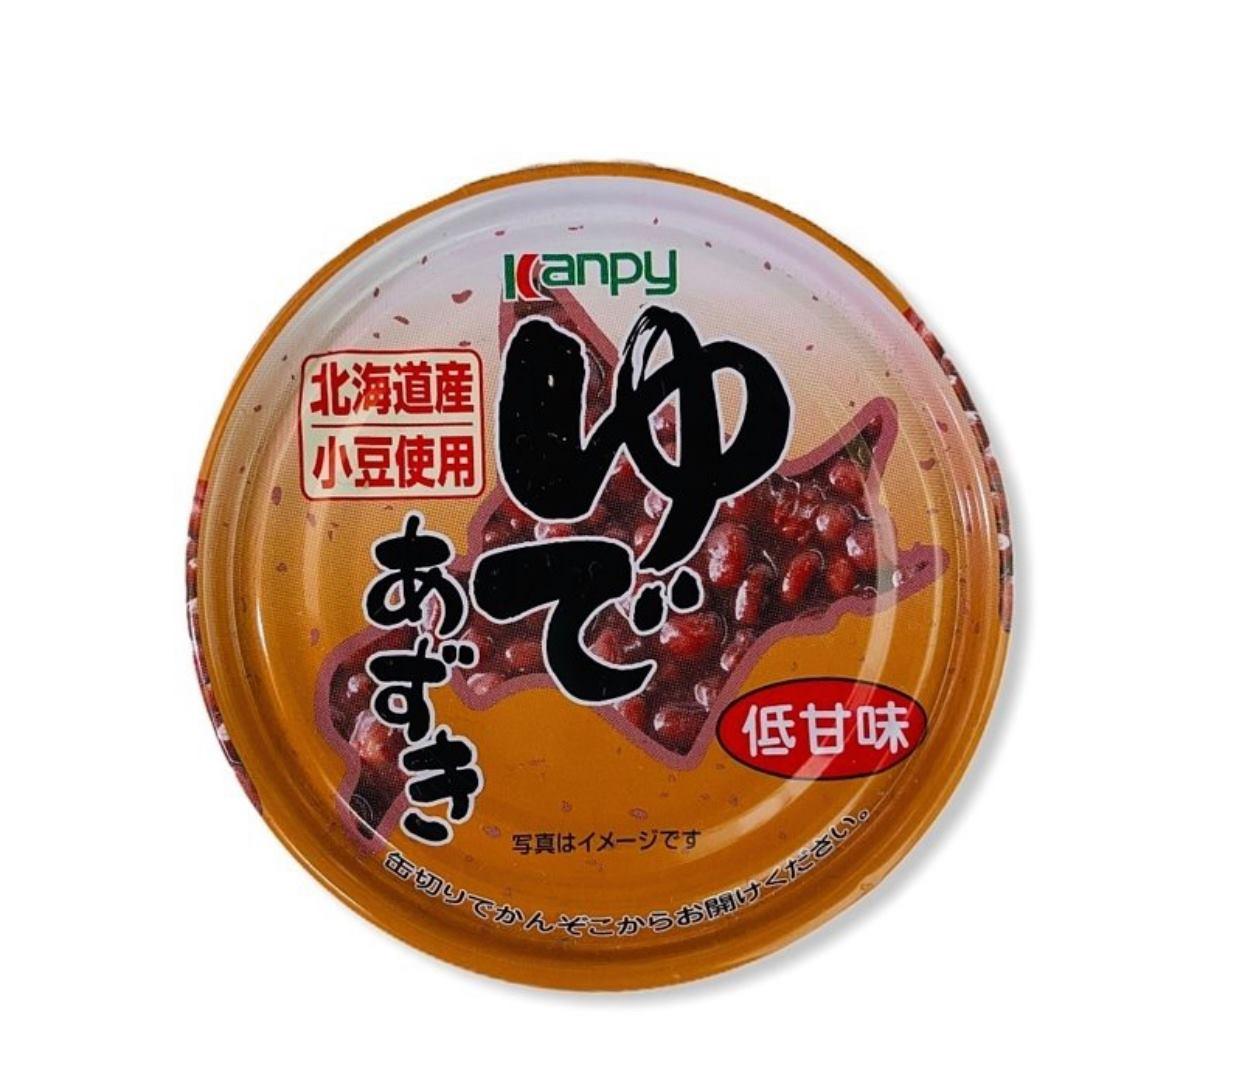 kanpy 北海道產紅豆罐頭 190g